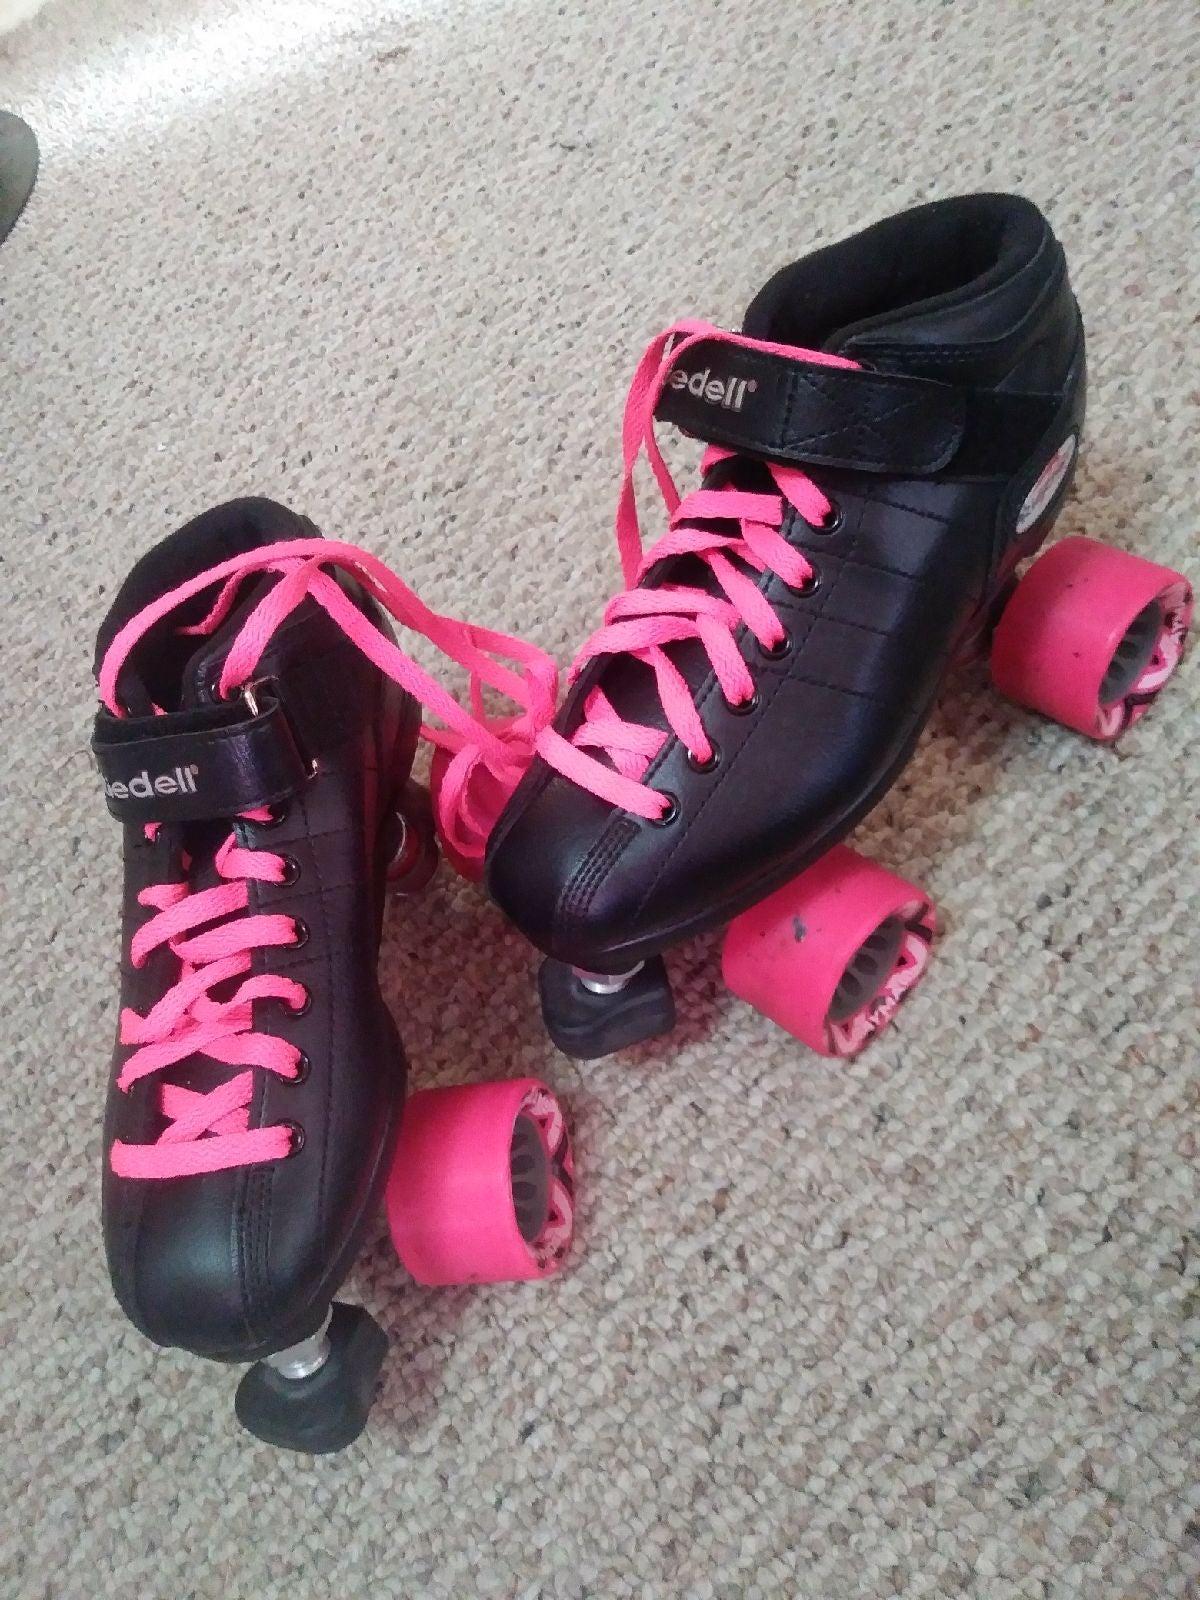 Adult Size 6 Rollerskates